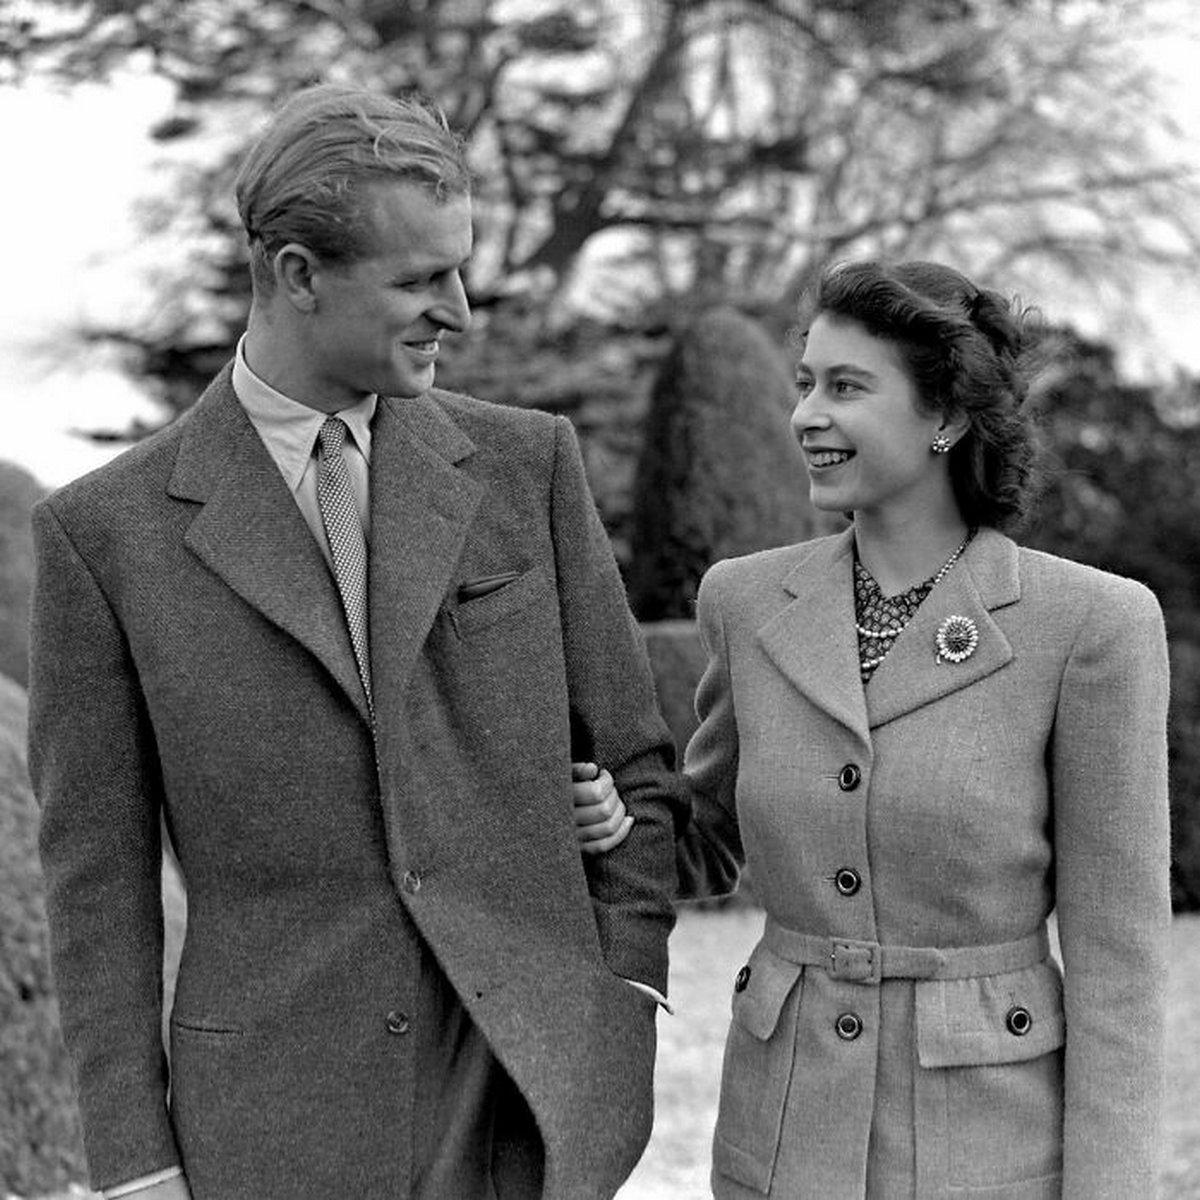 Voici des photos de la vie du prince Philip qui est décédé ce matin à l'âge de 99 ans